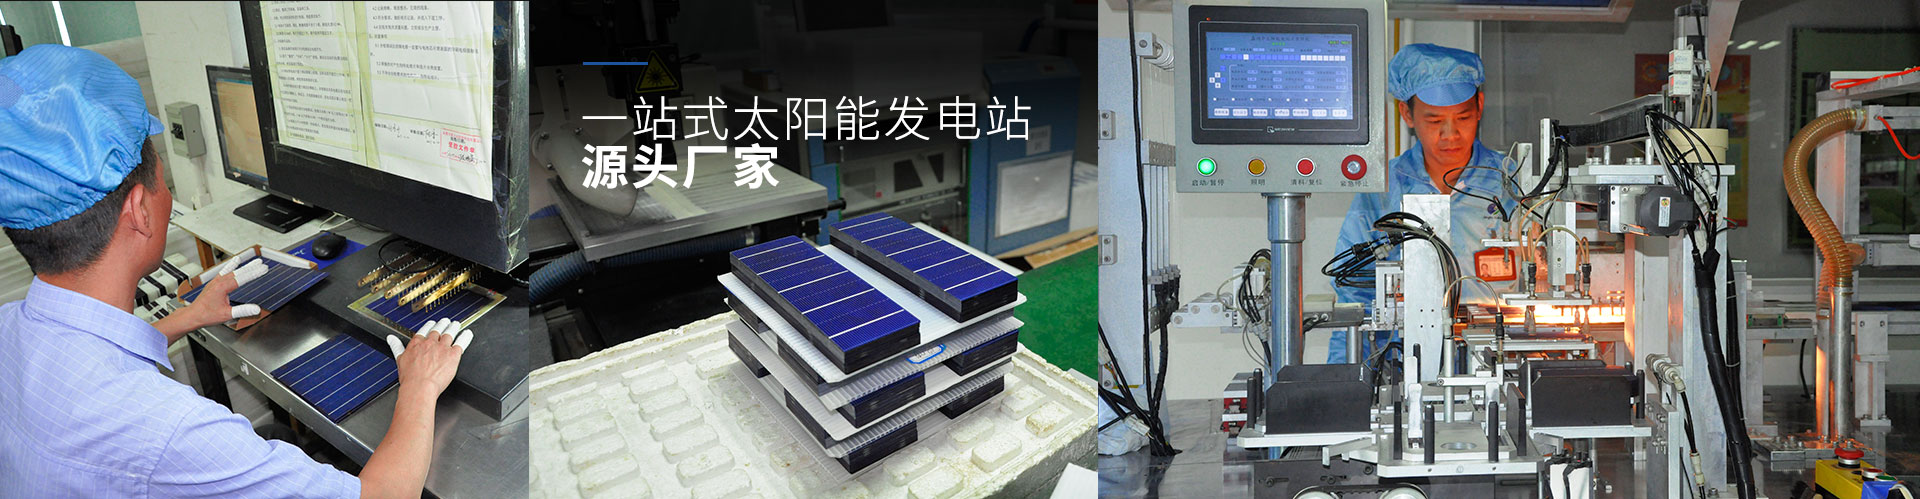 星火太陽能一站式(shi)太陽能發電(dian)站源頭(tou)廠家(jia)